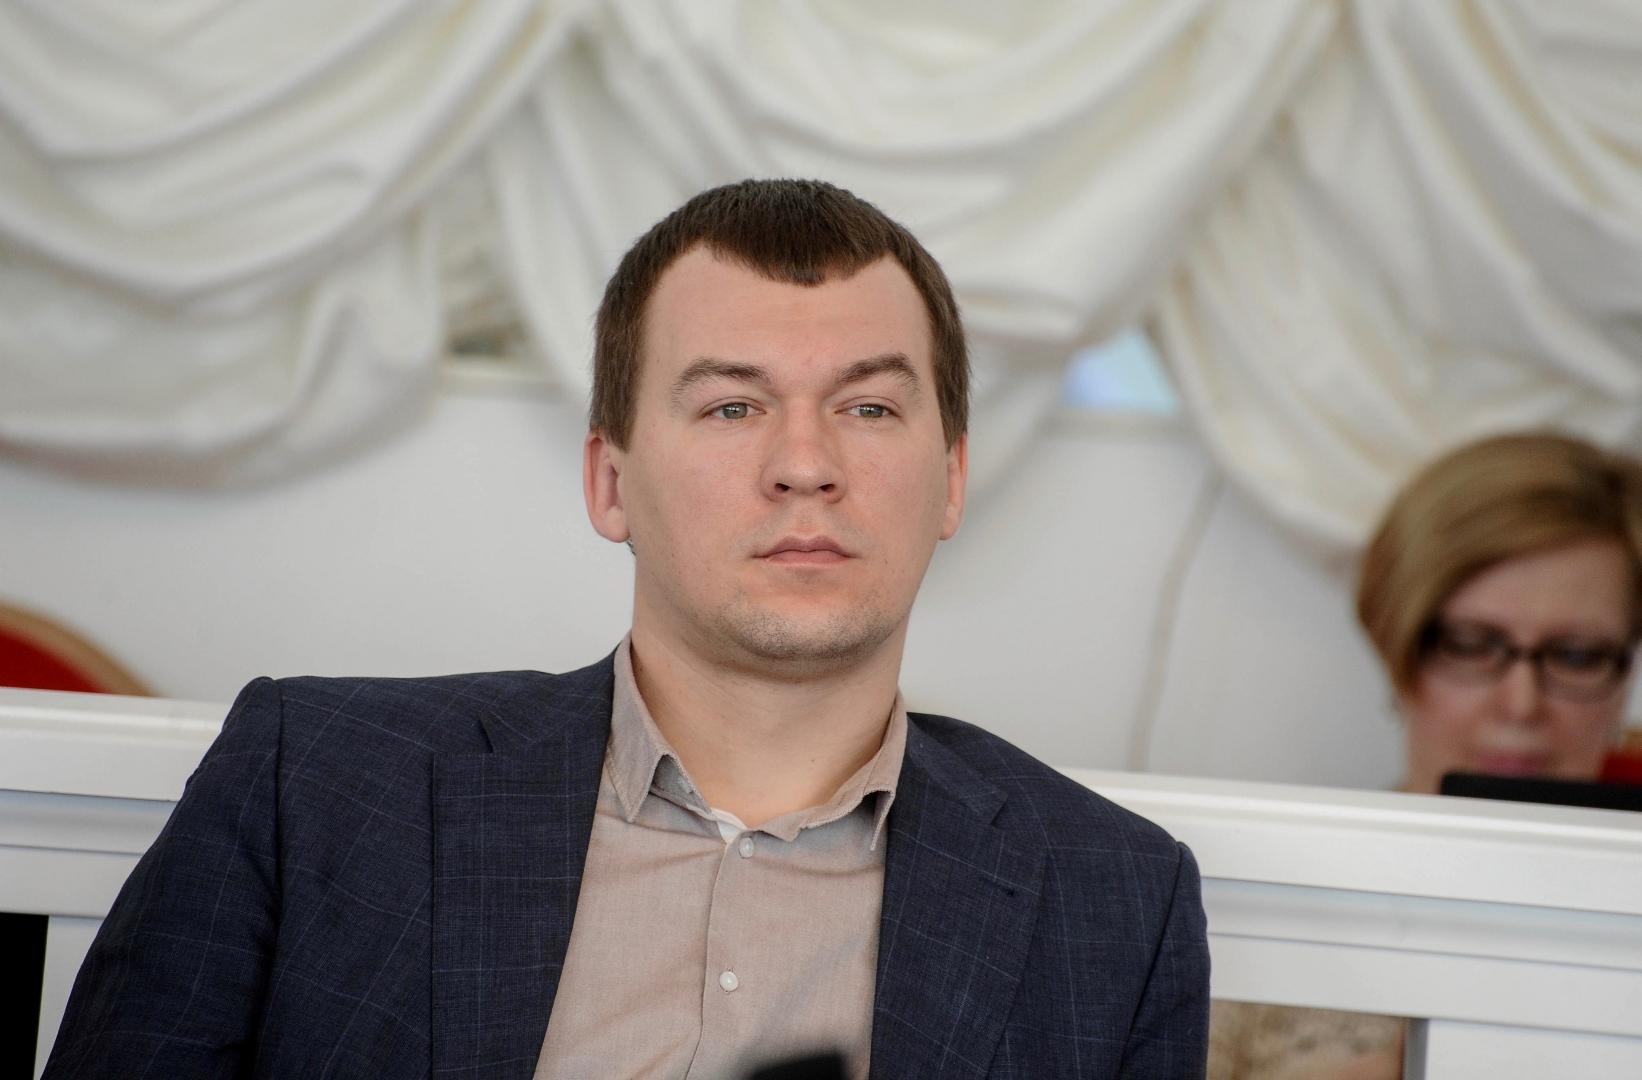 Везде разруха: глава Хабаровского края готов к разговору с Путиным